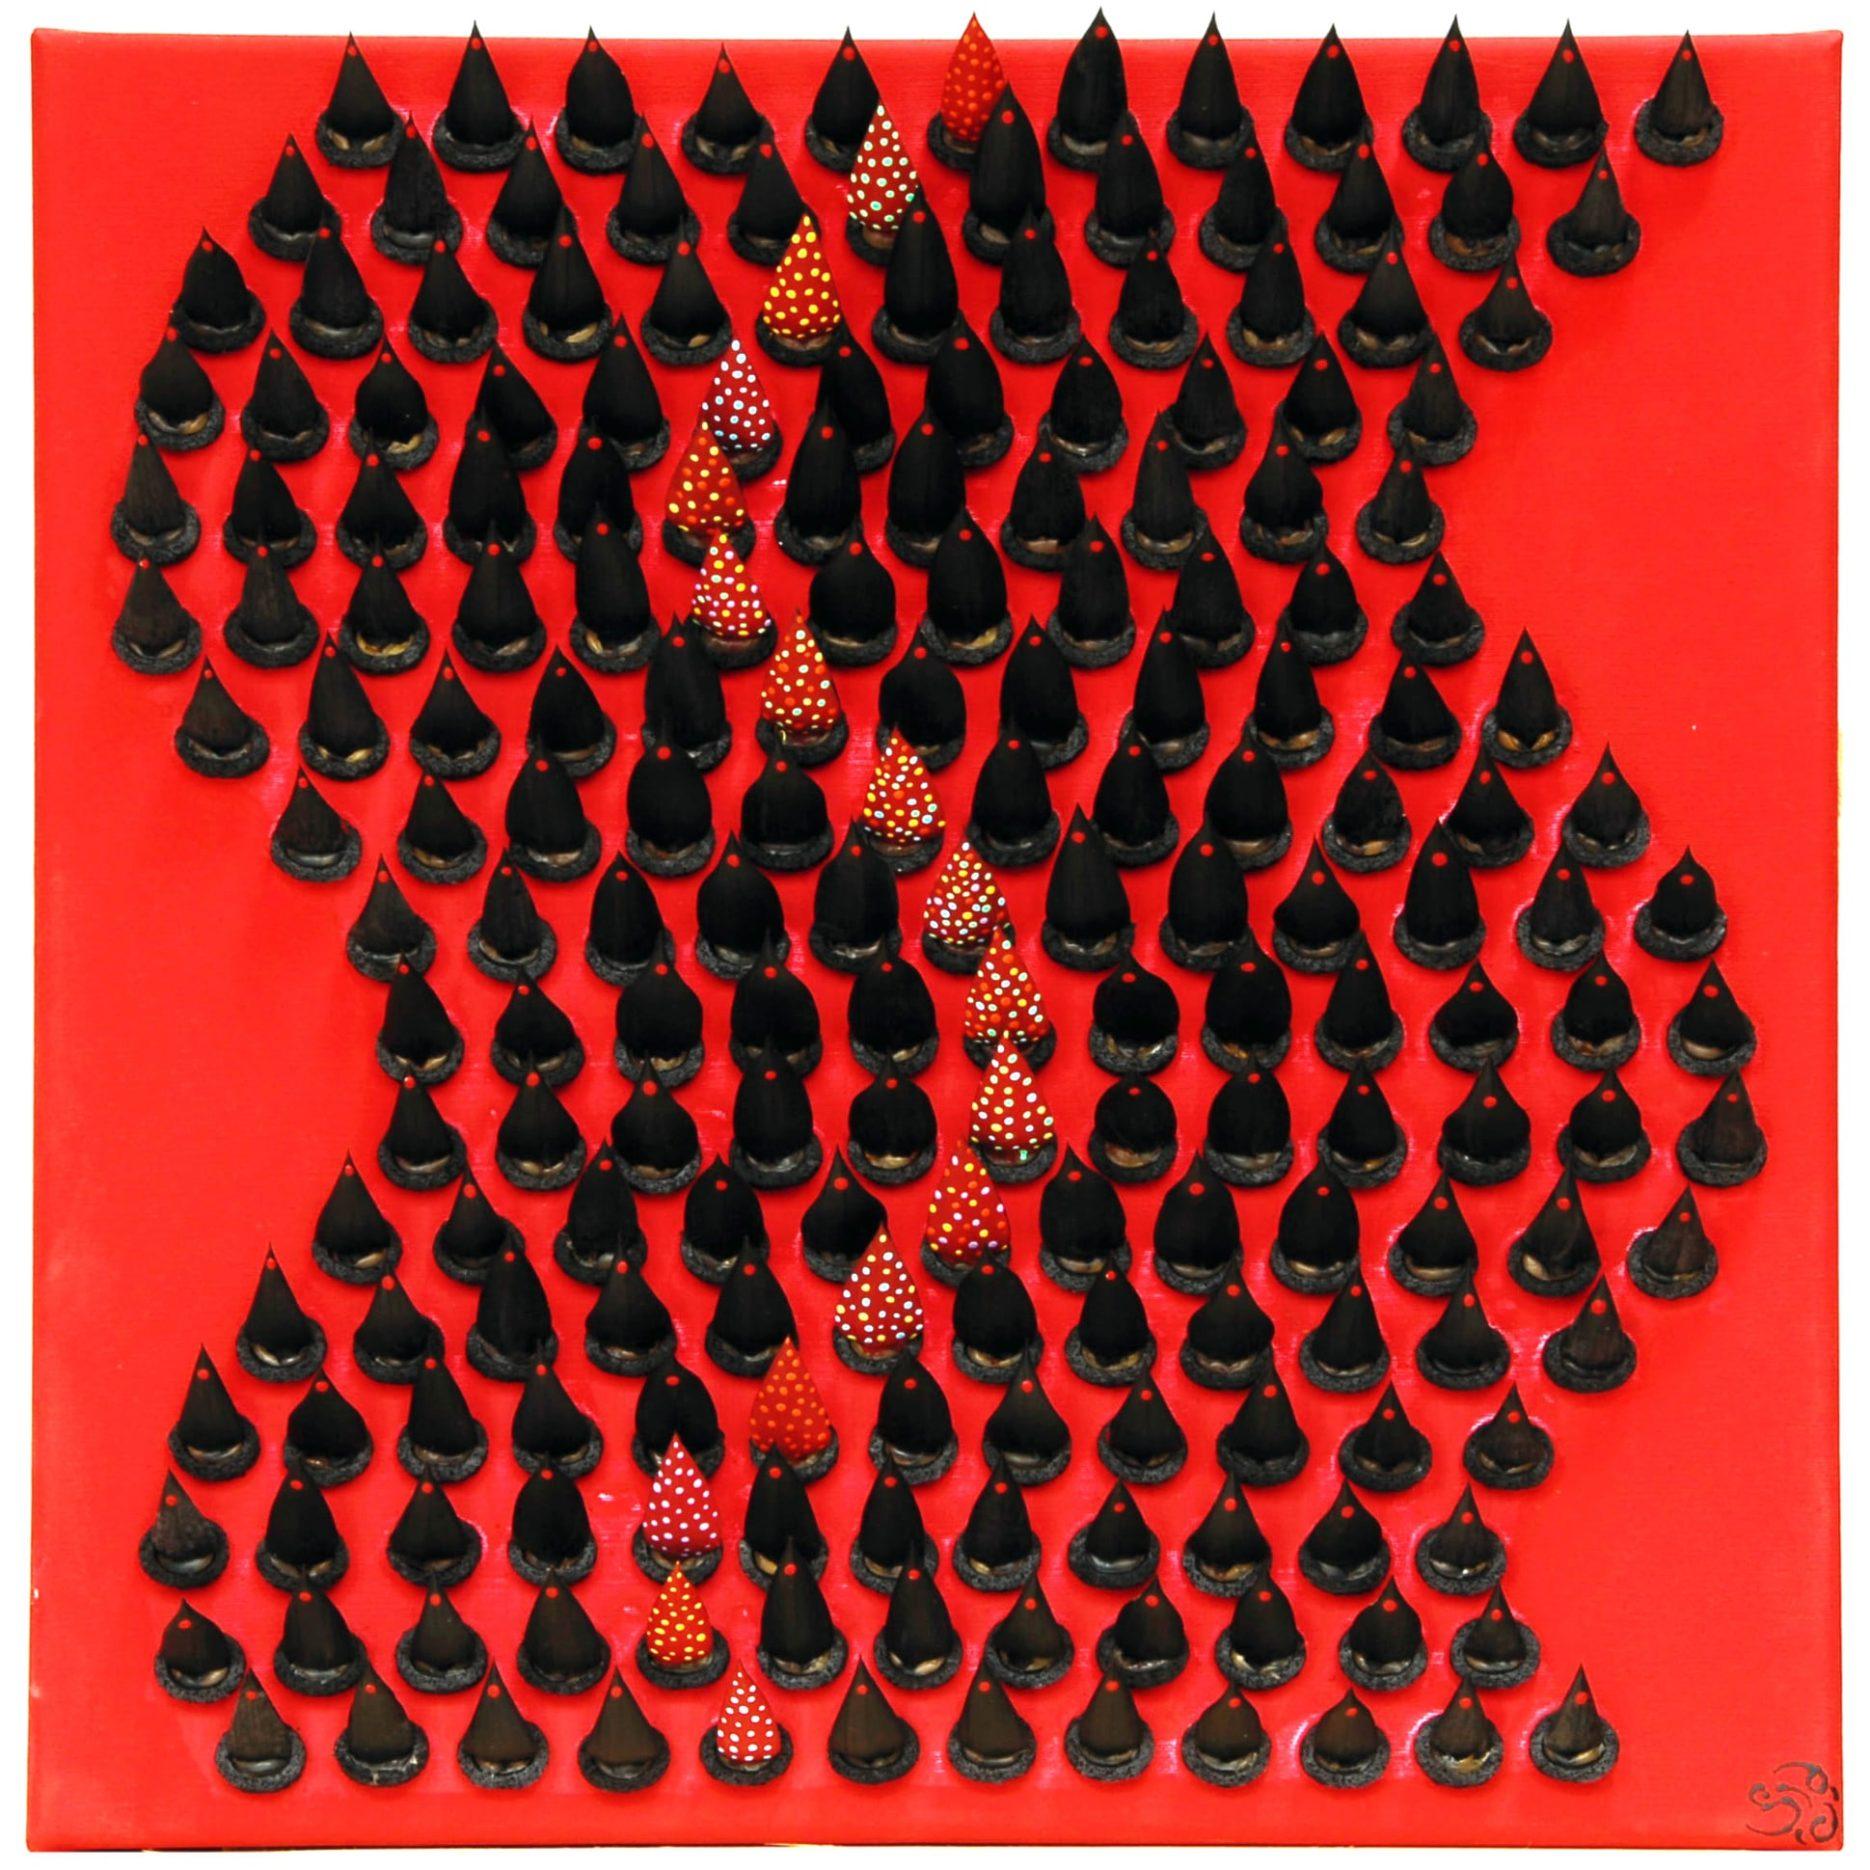 Bild 0,40 x 0,40m – Aurokarienstacheln (2012)